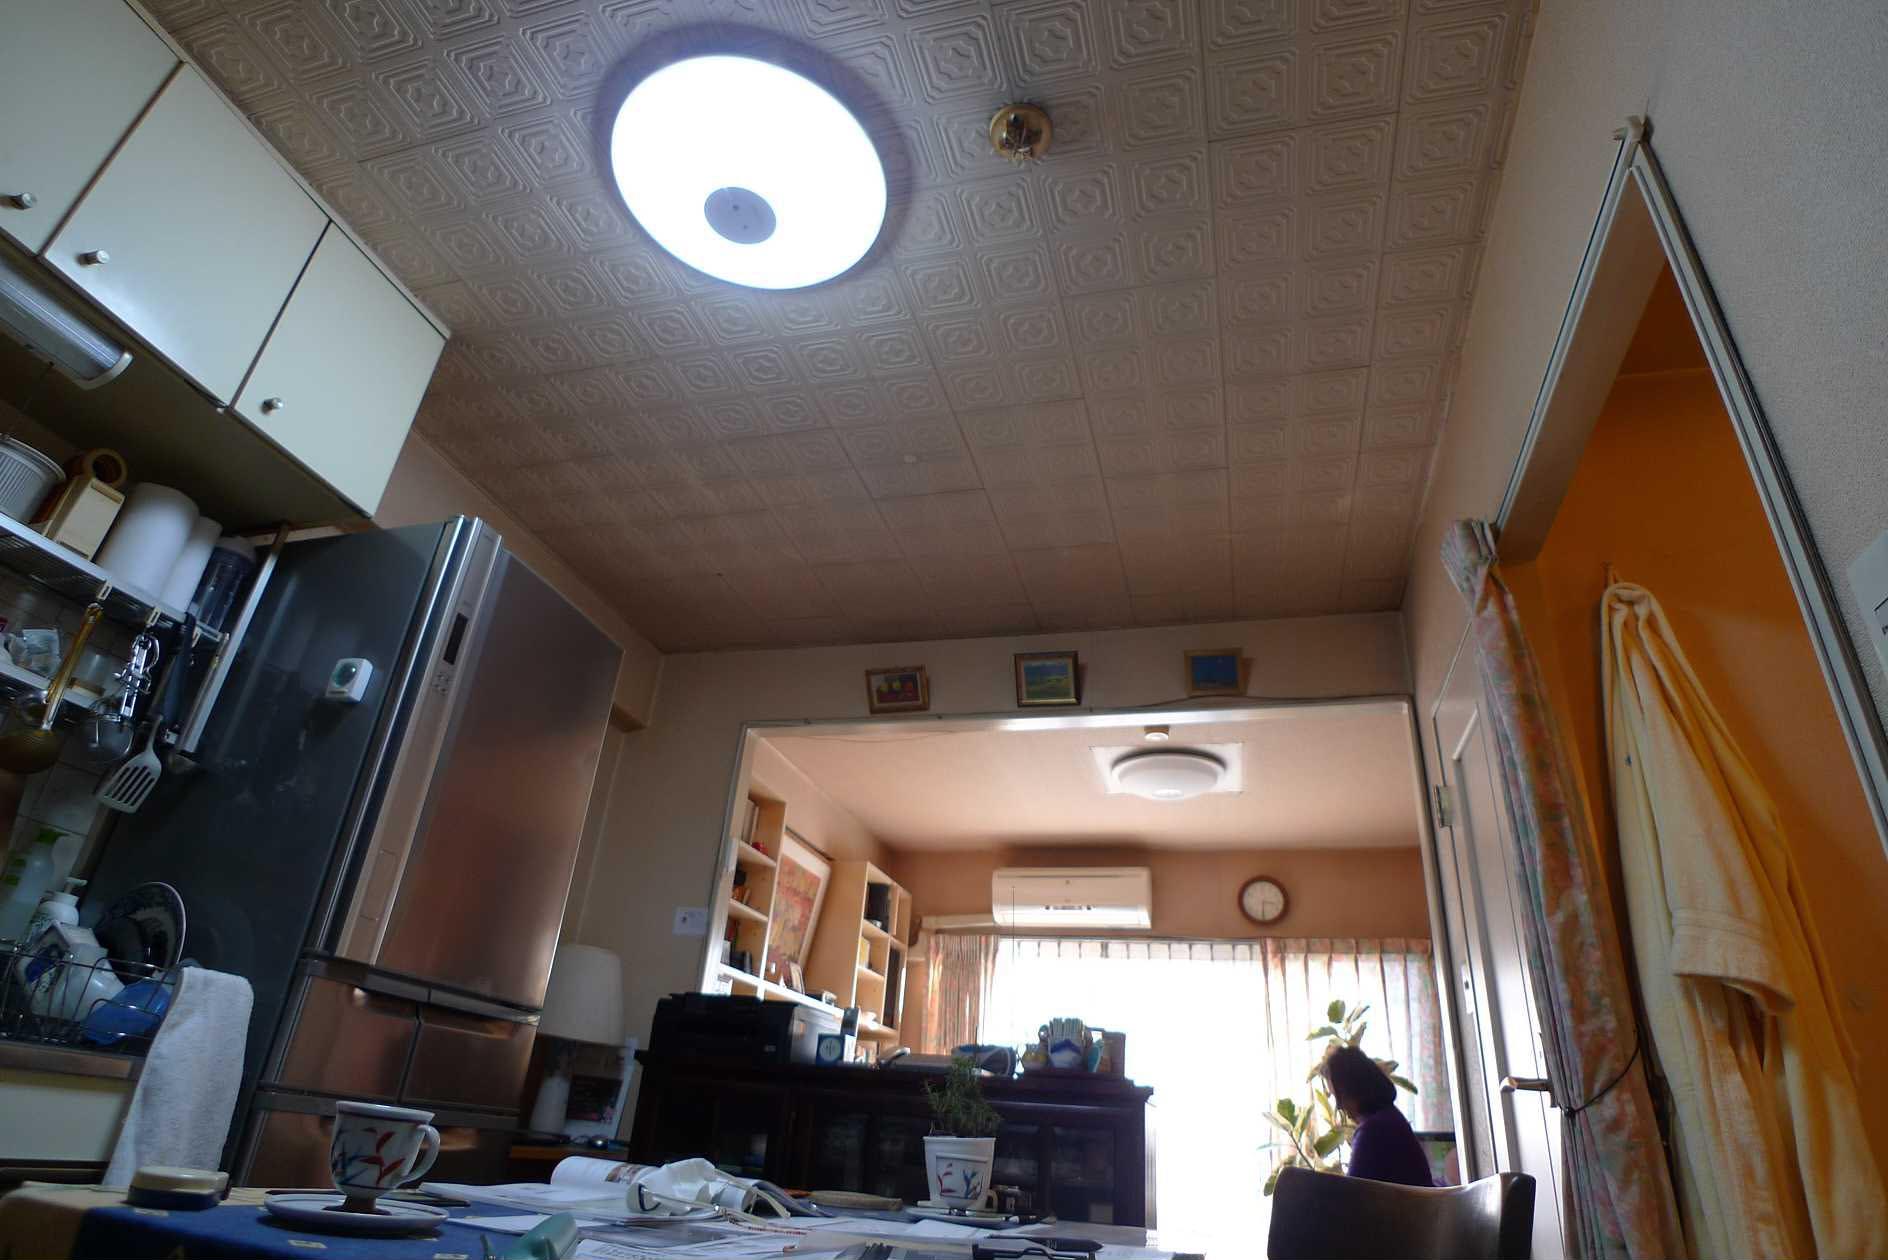 before:1DKのお部屋をお気に入りの家具で仕切ってレイアウトされていました。